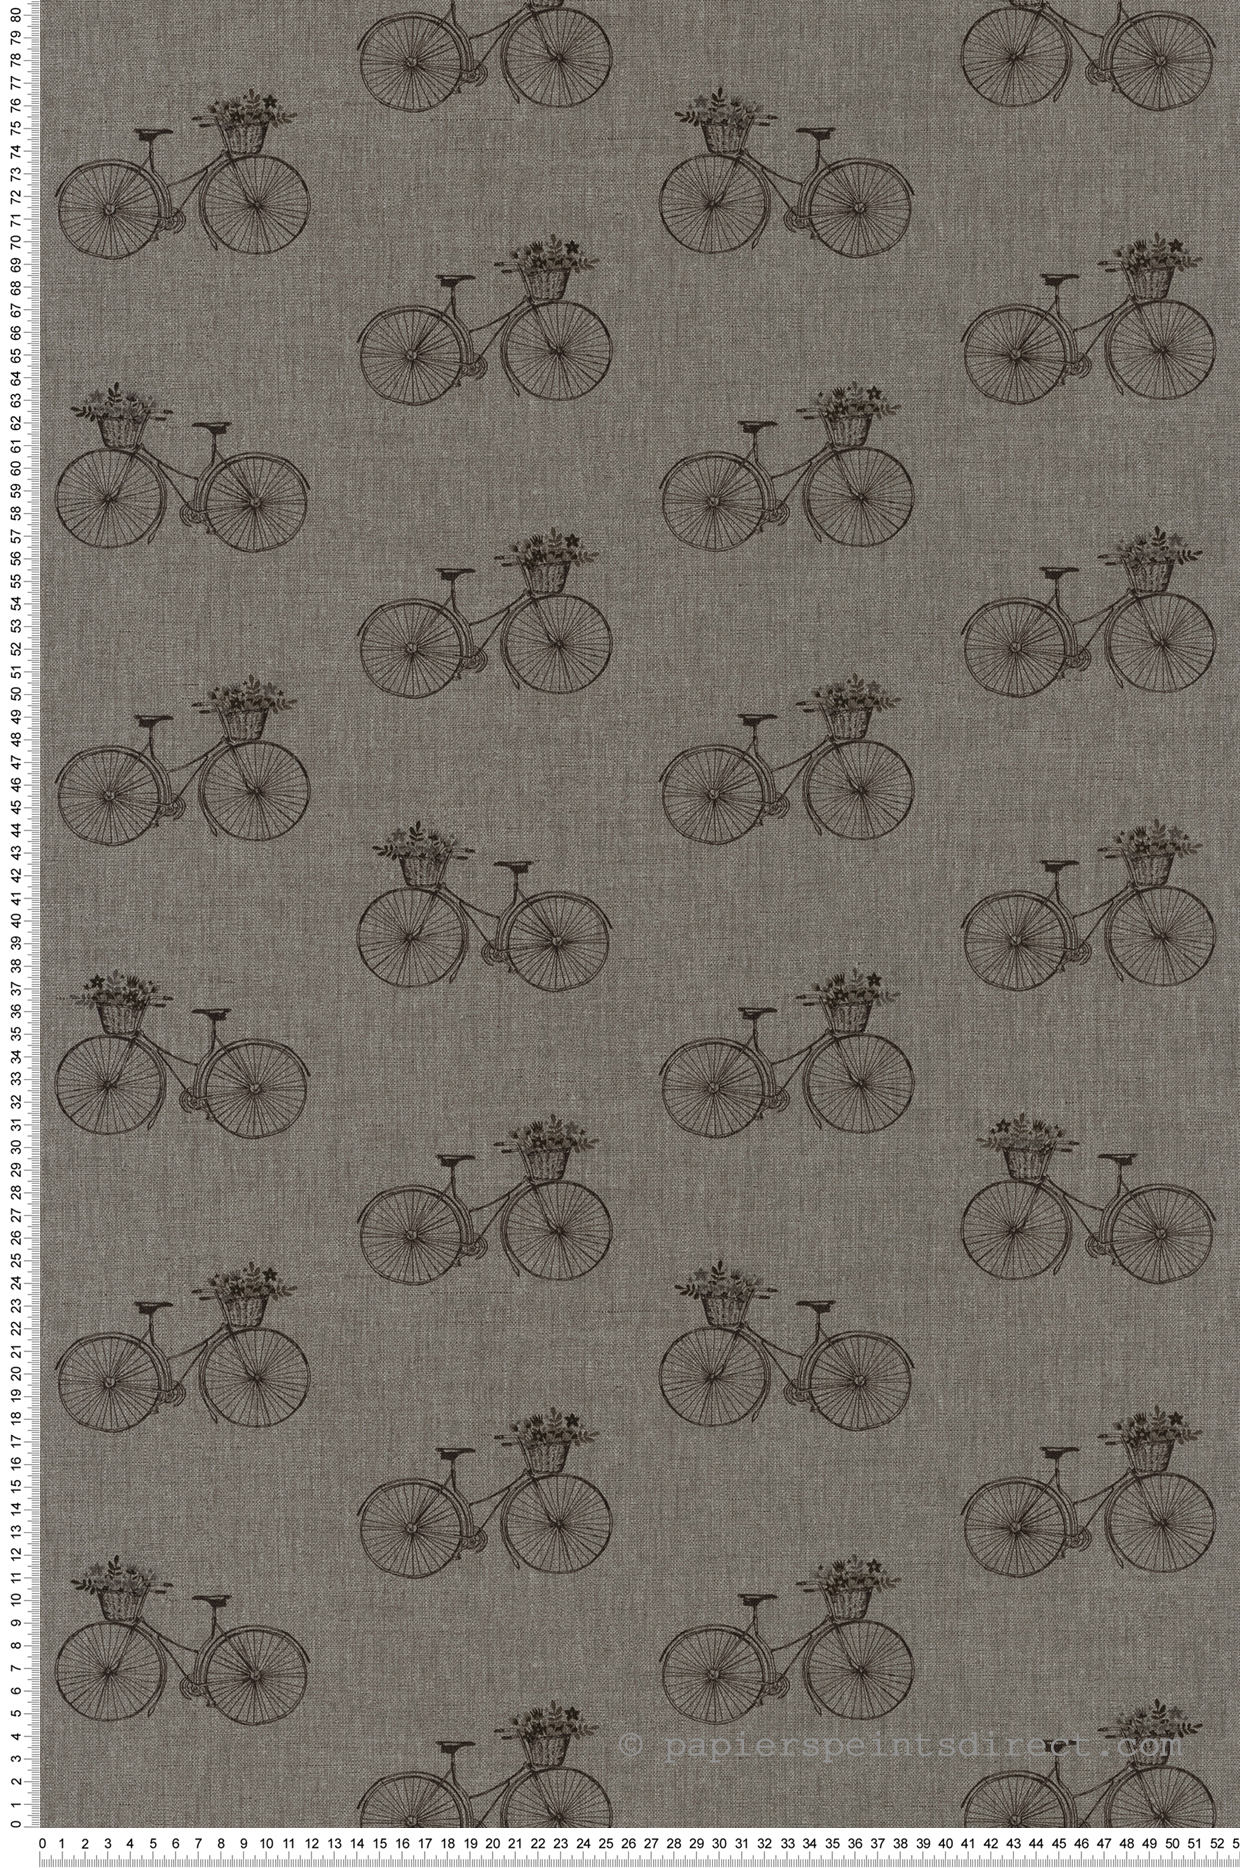 Papier peint Bicyclette fleurs gris noir - Sunny Day de Casélio | Réf. SNY100249099